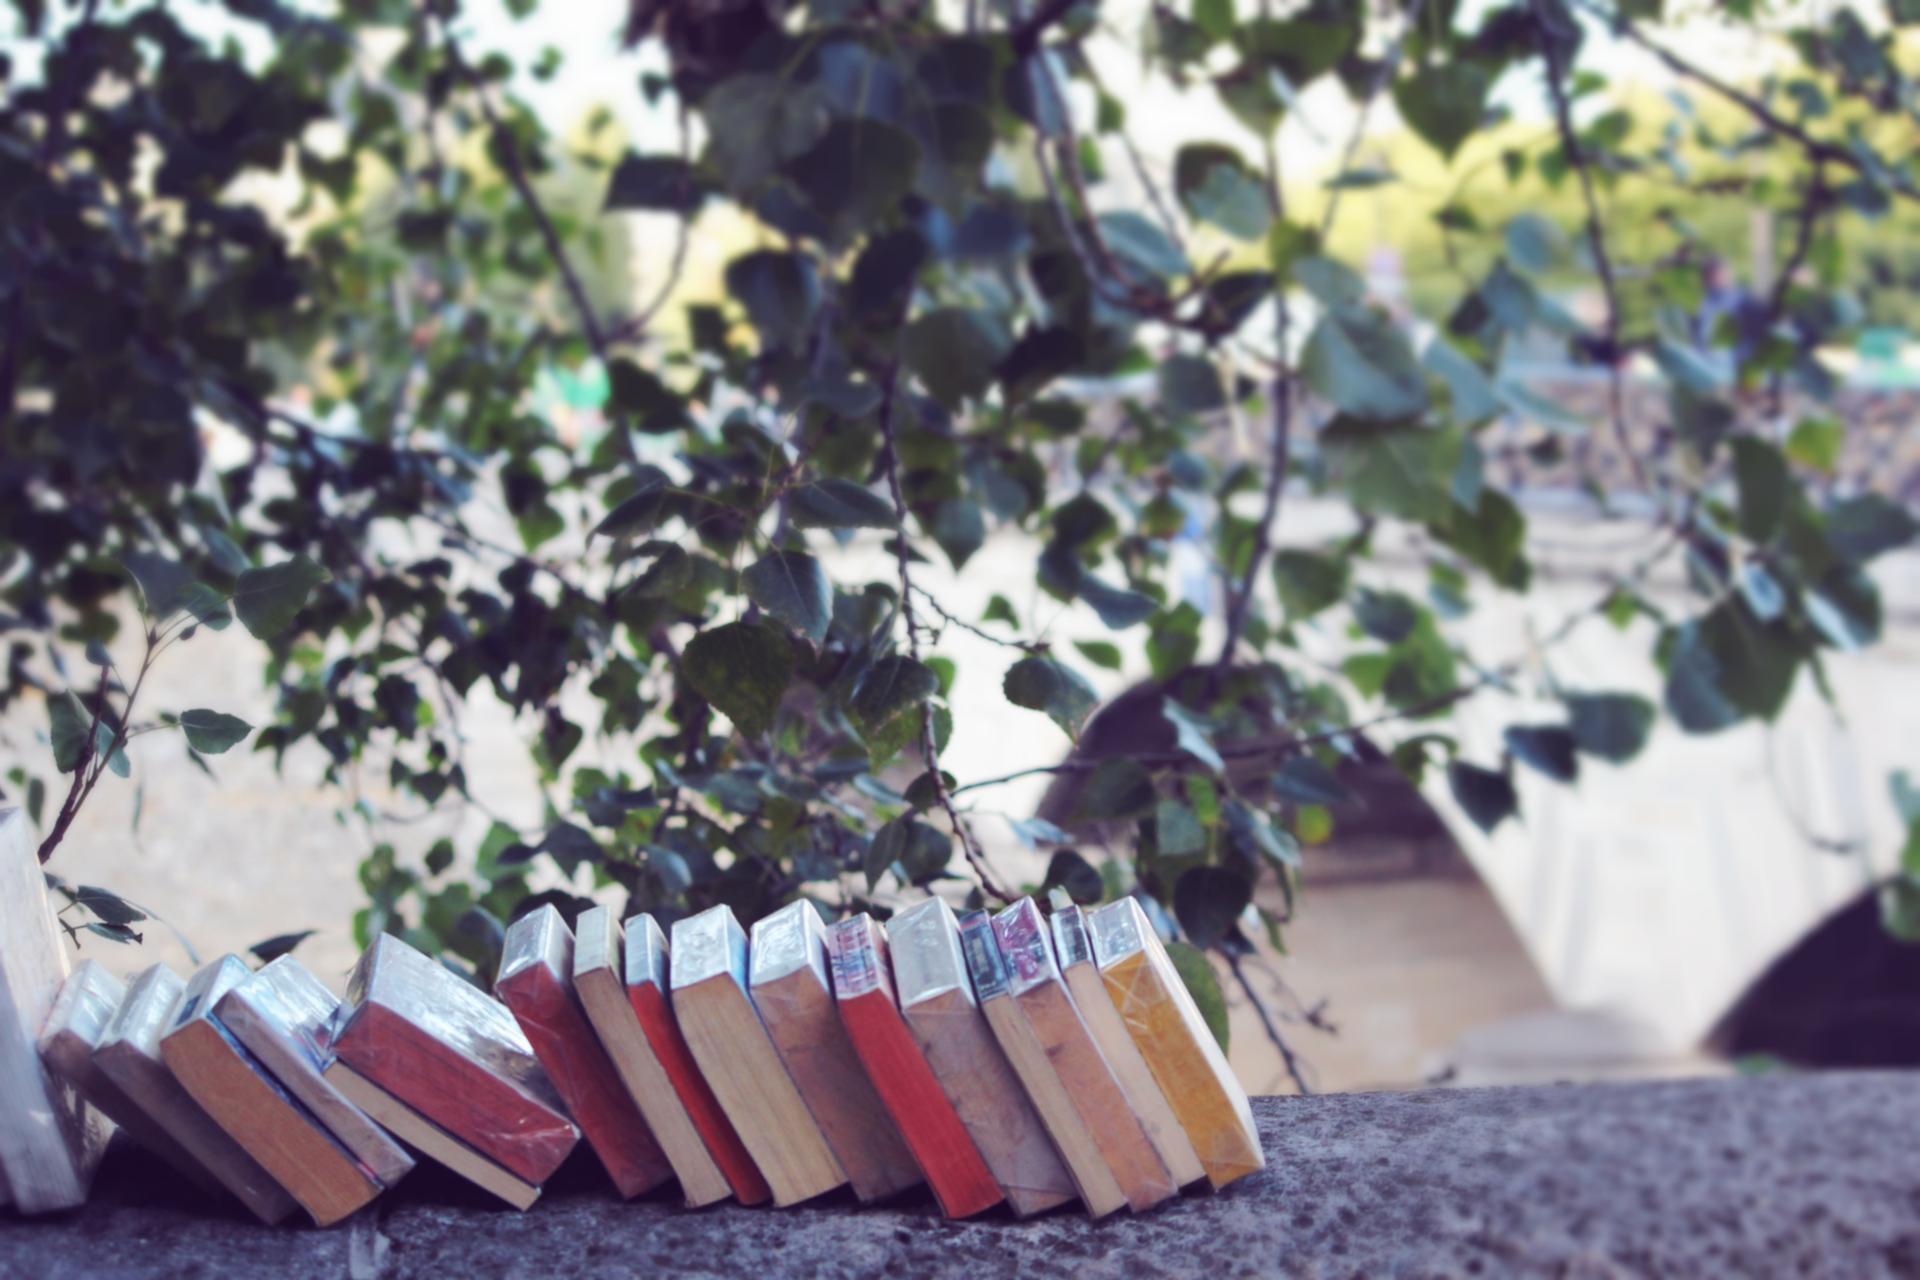 Books sur seine